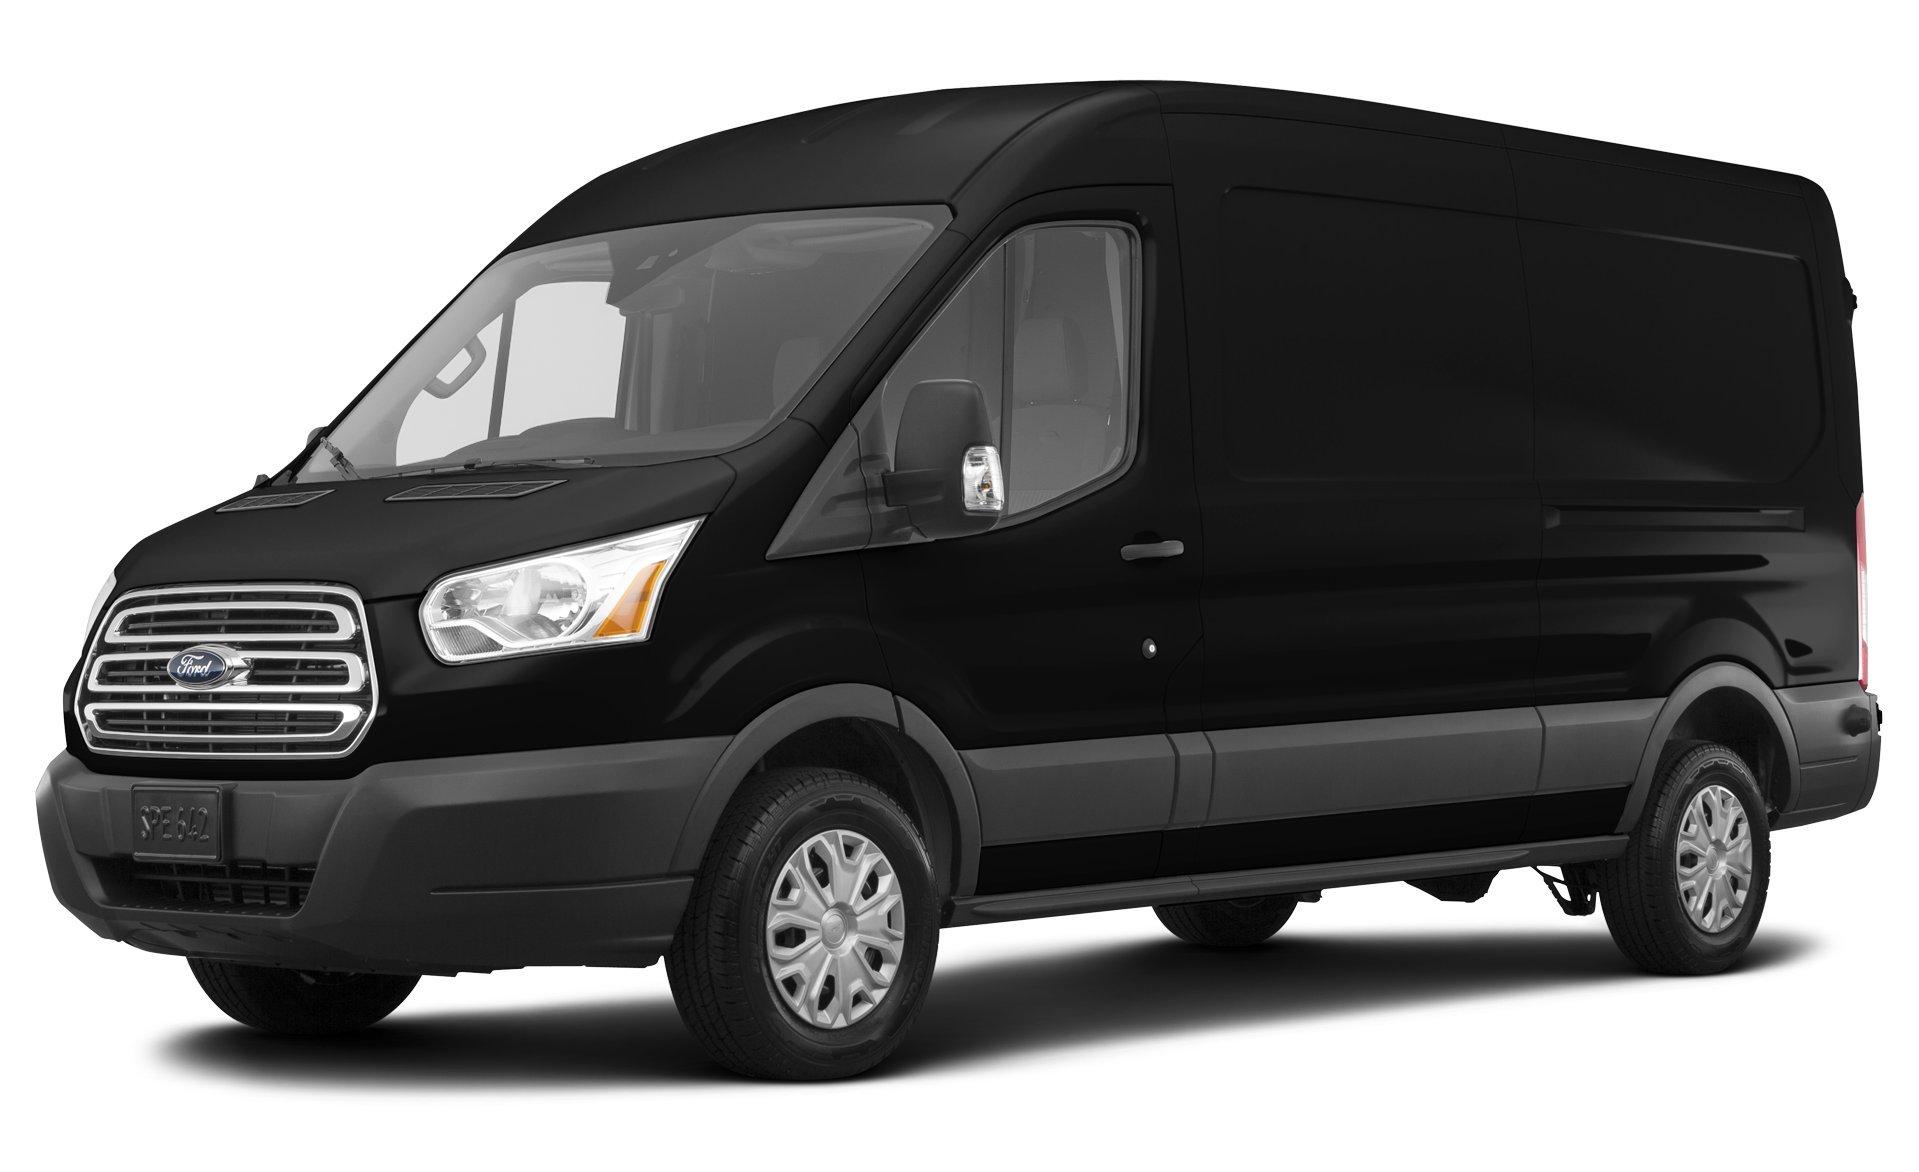 2017 ford transit 350 t 350 148 el hi rf 9500 gvwr